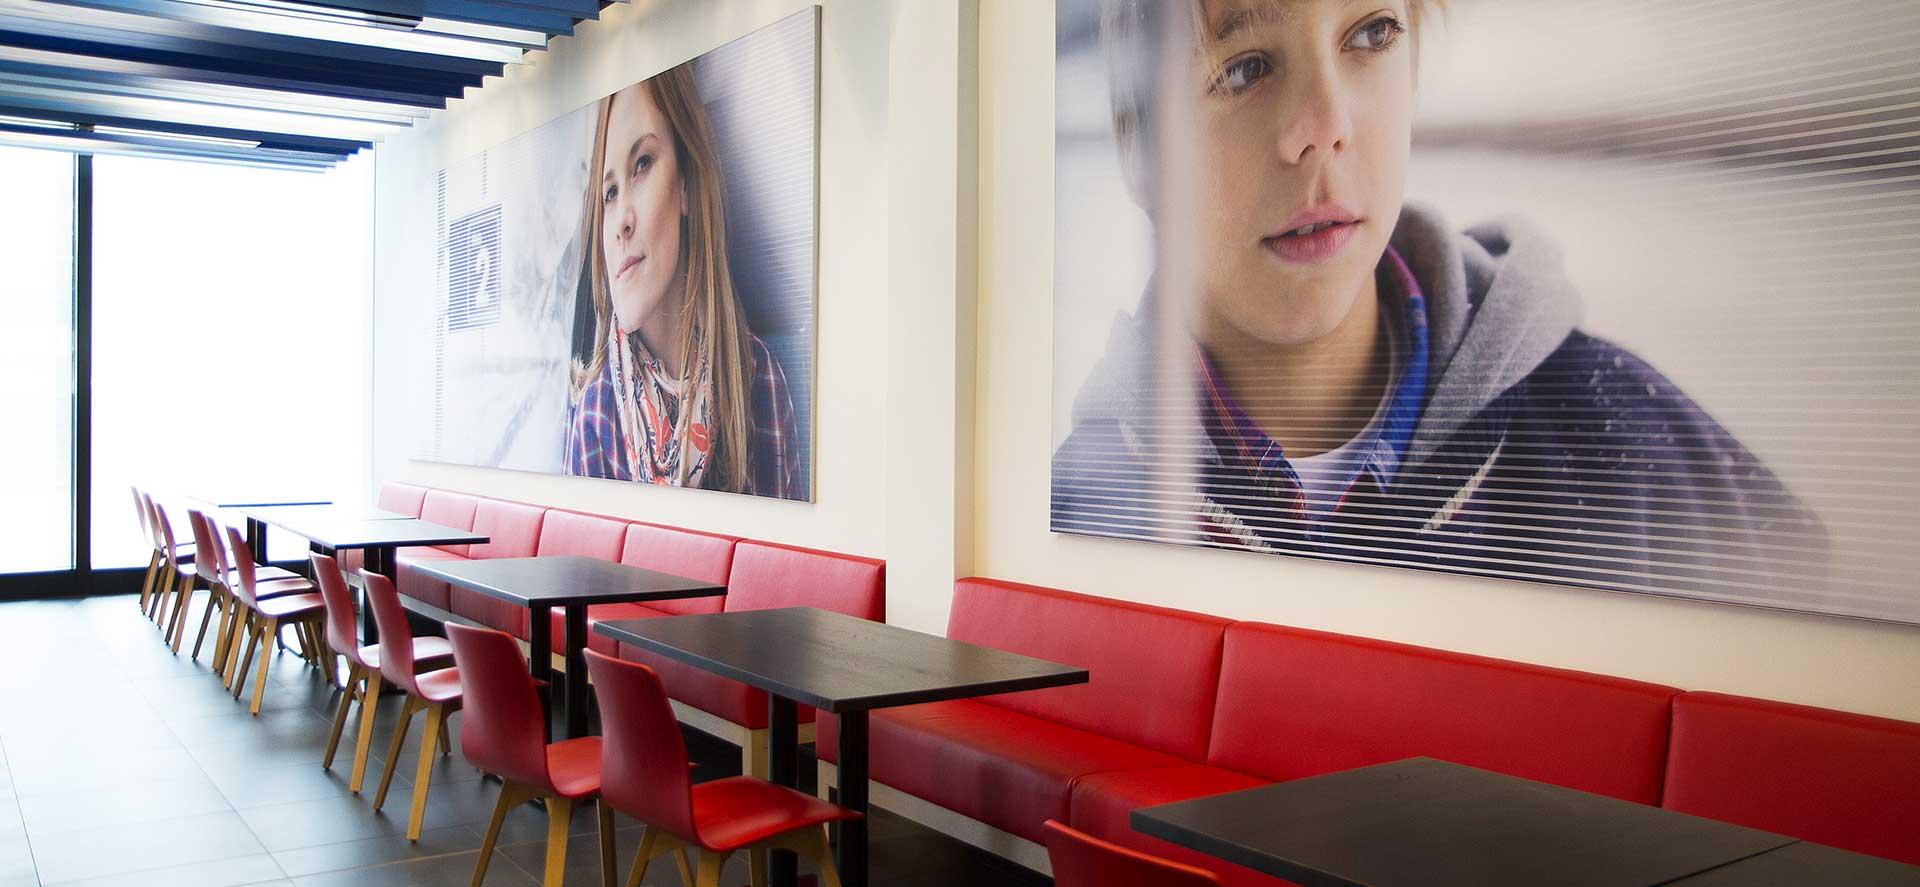 Wandbilder für SBB-Personalrestaurant